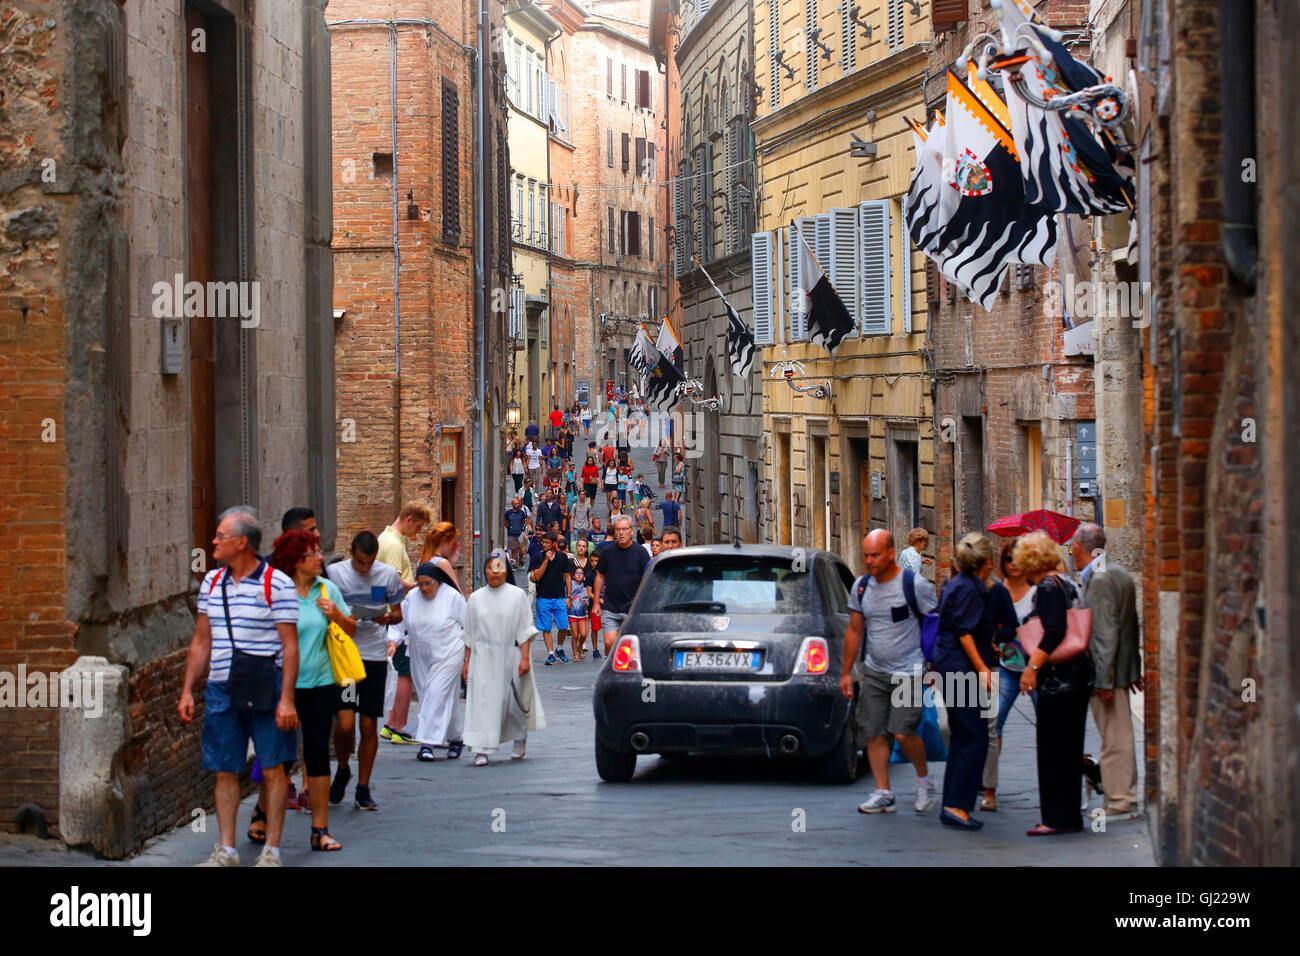 Un Fiat 500 hace su camino pasado peatones a lo largo de Via Montanini en Siena, Italia. Imagen De Stock